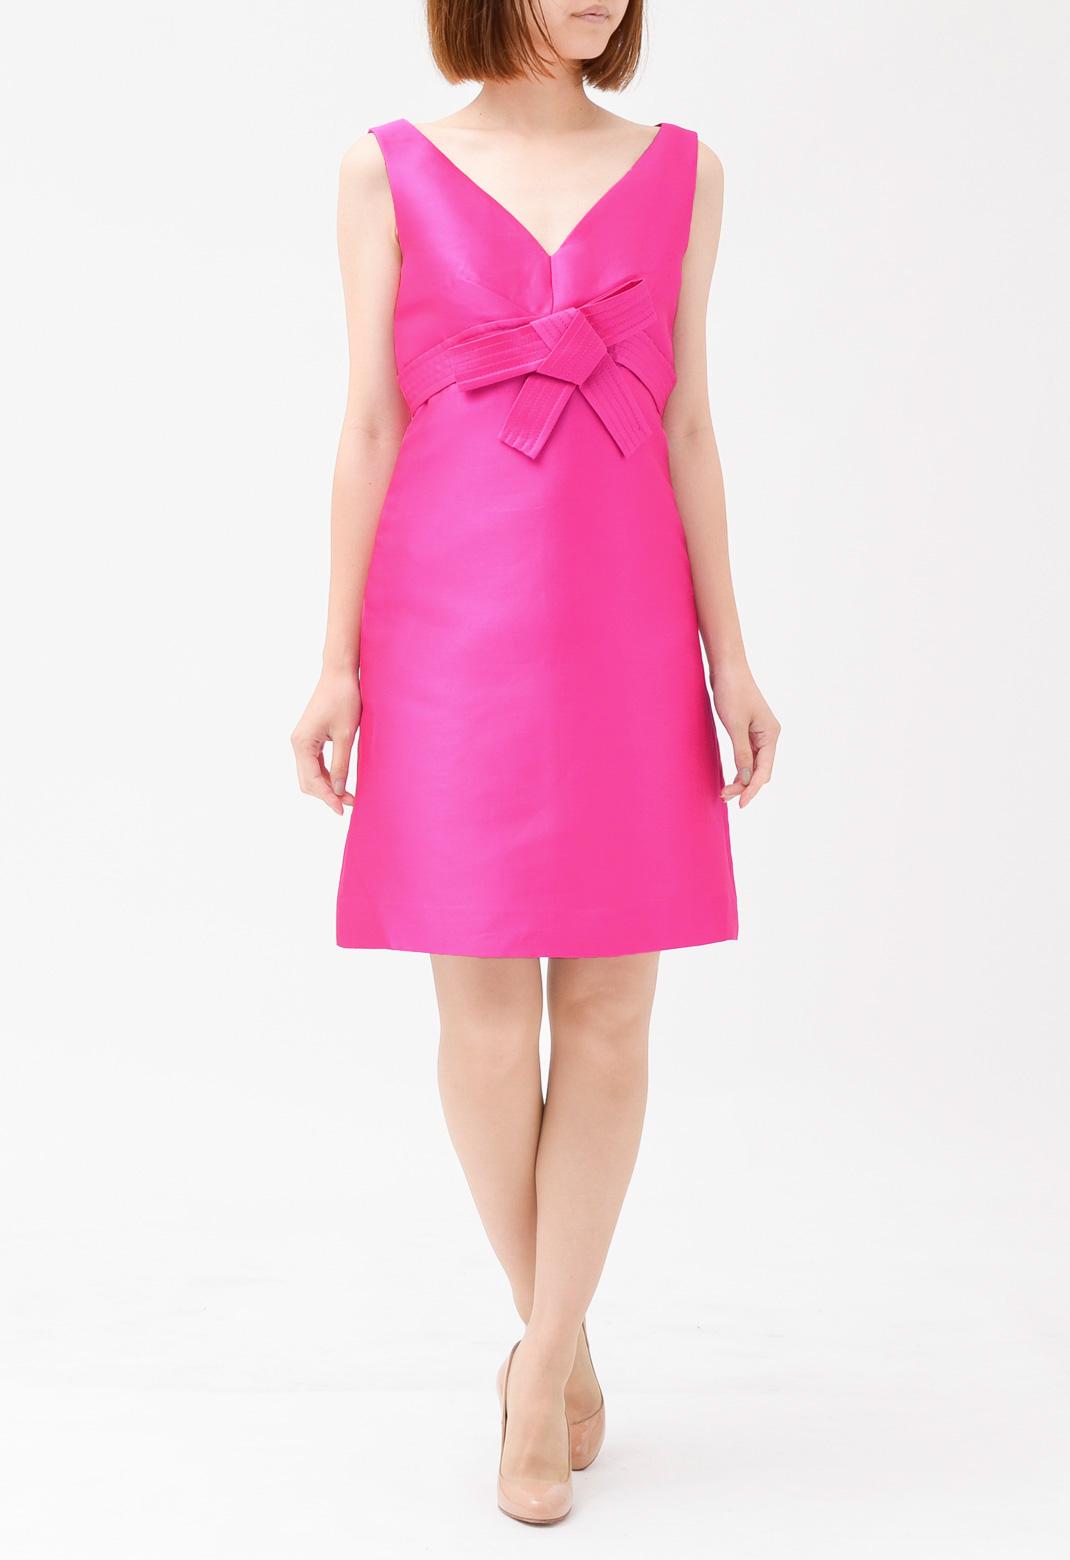 ケイトスペード フロントリボン飾り ノースリーブ ドレス